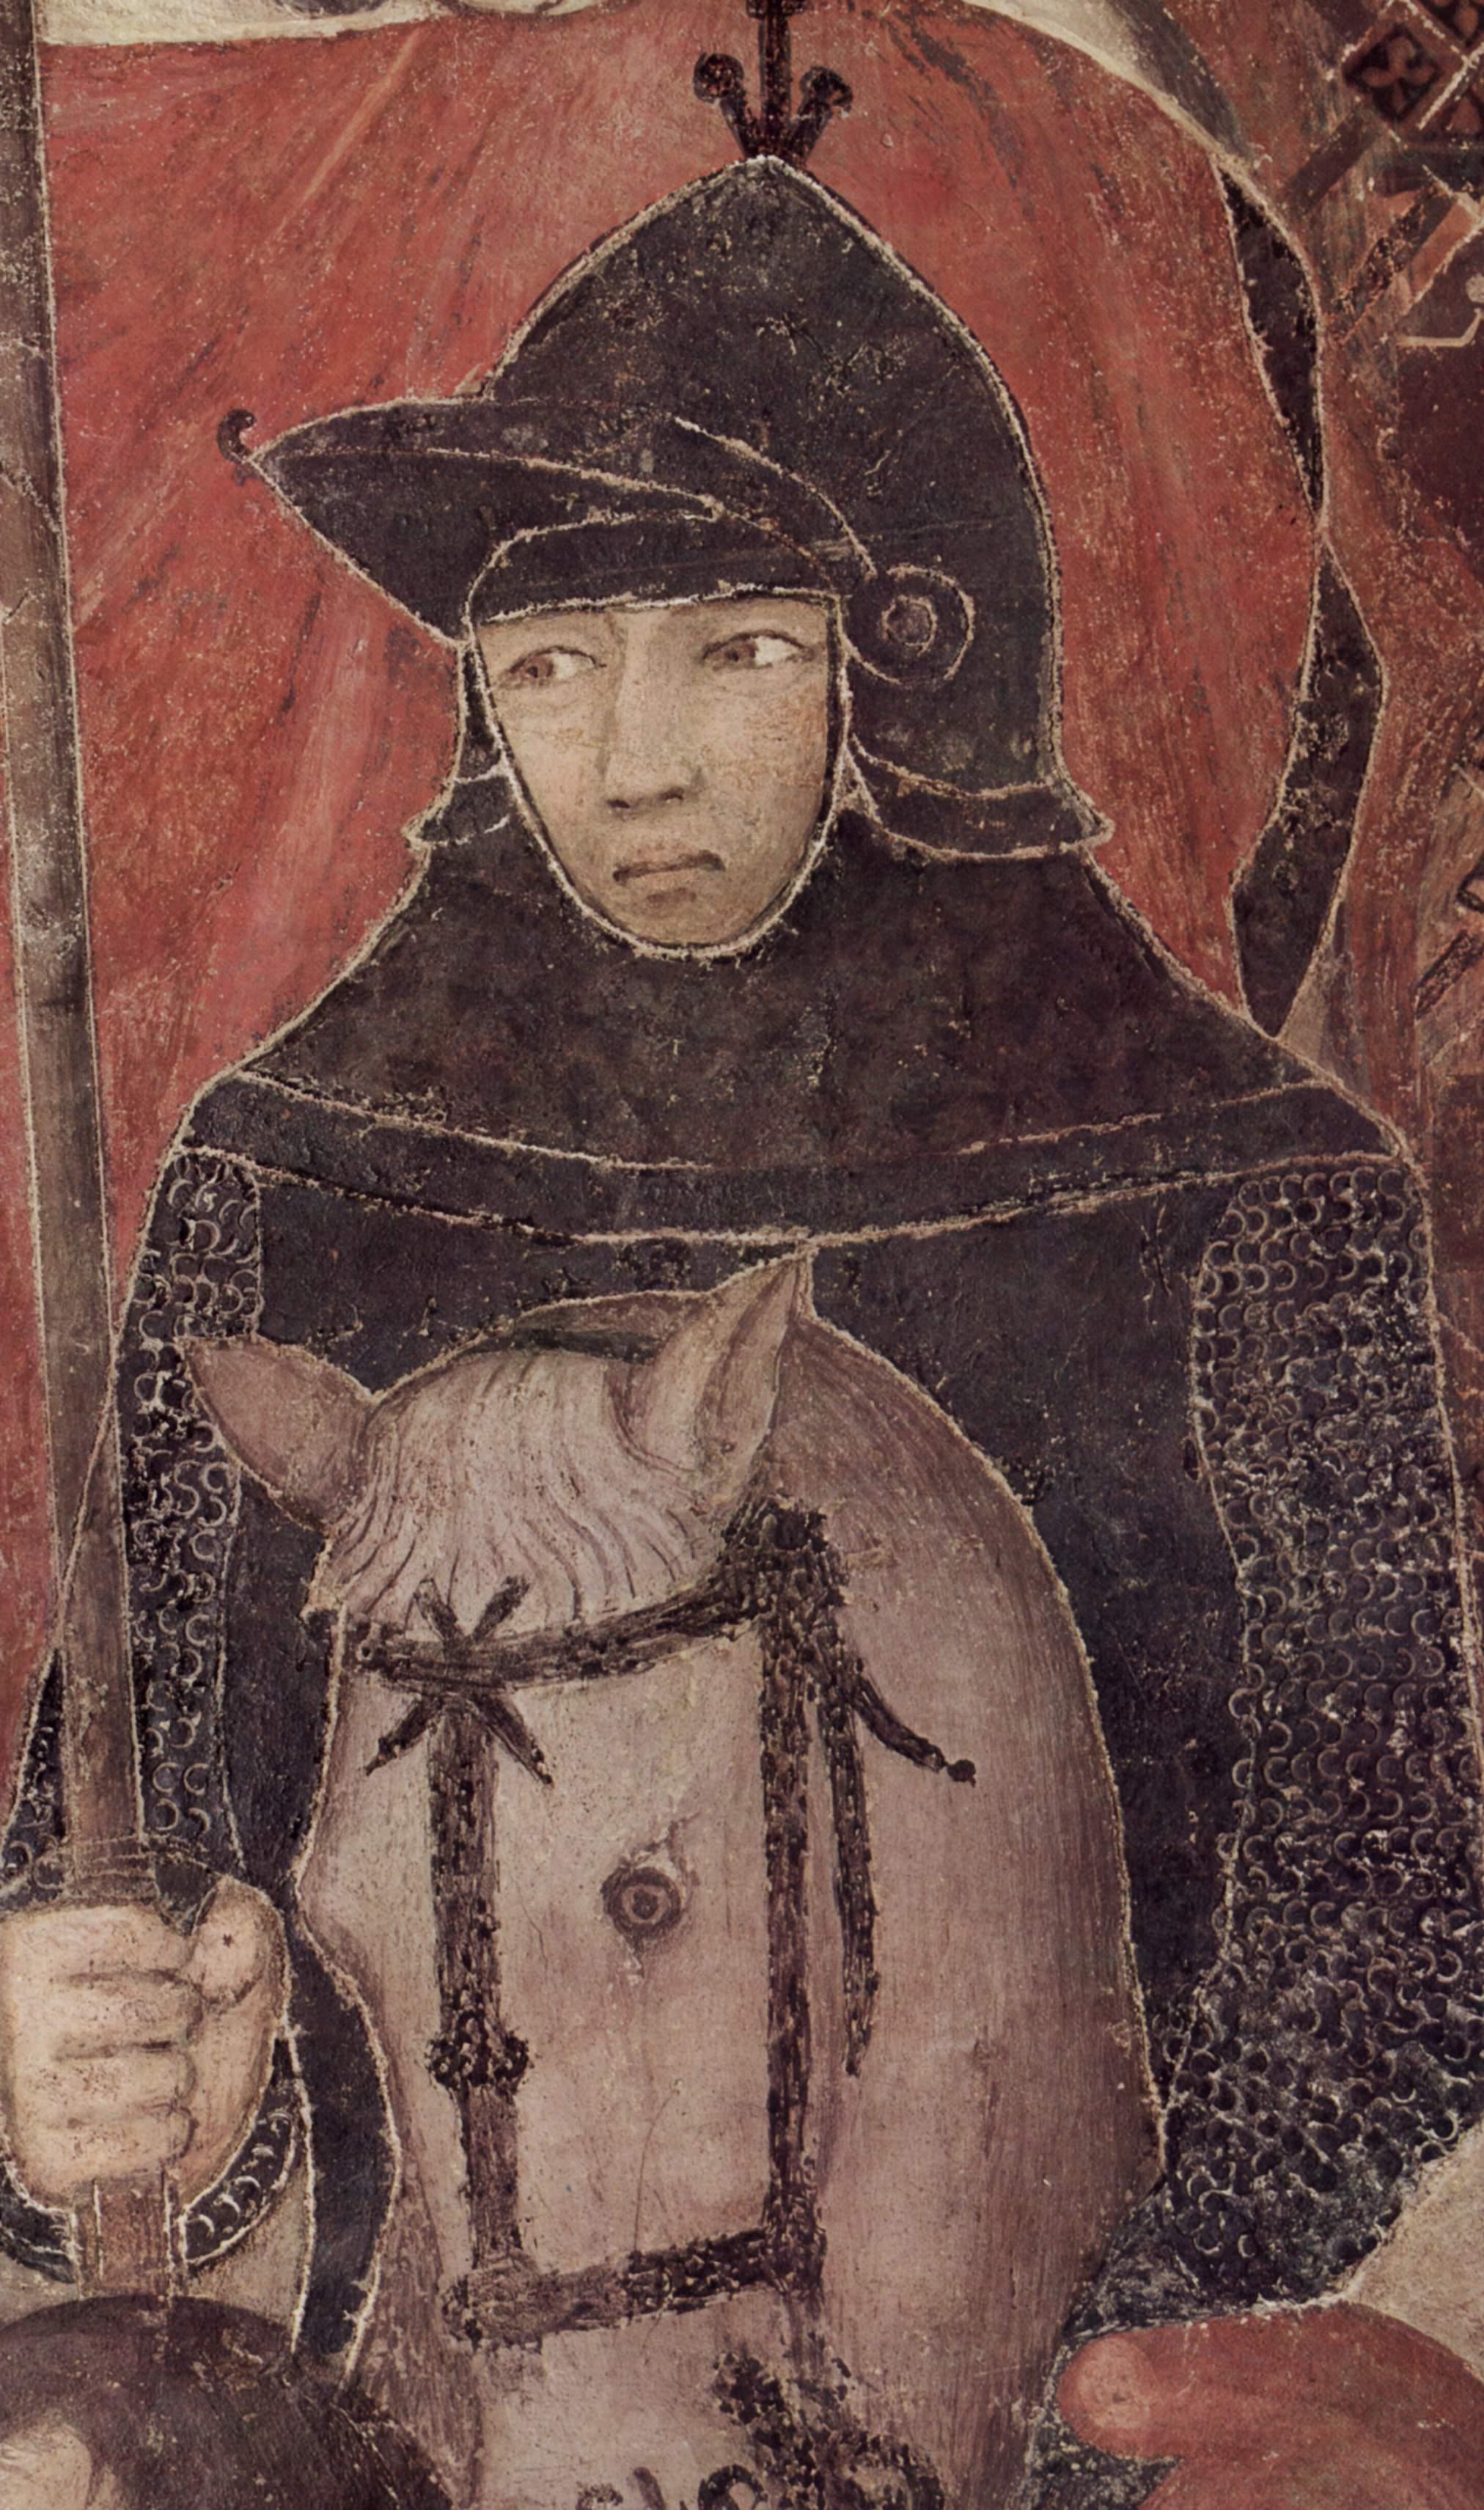 Giovanni di Agostino, San Galgano conficca la spada nella roccia, bassorilievo in marmo (1332-1347 ca.). Pinacoteca Nazionale, Siena.